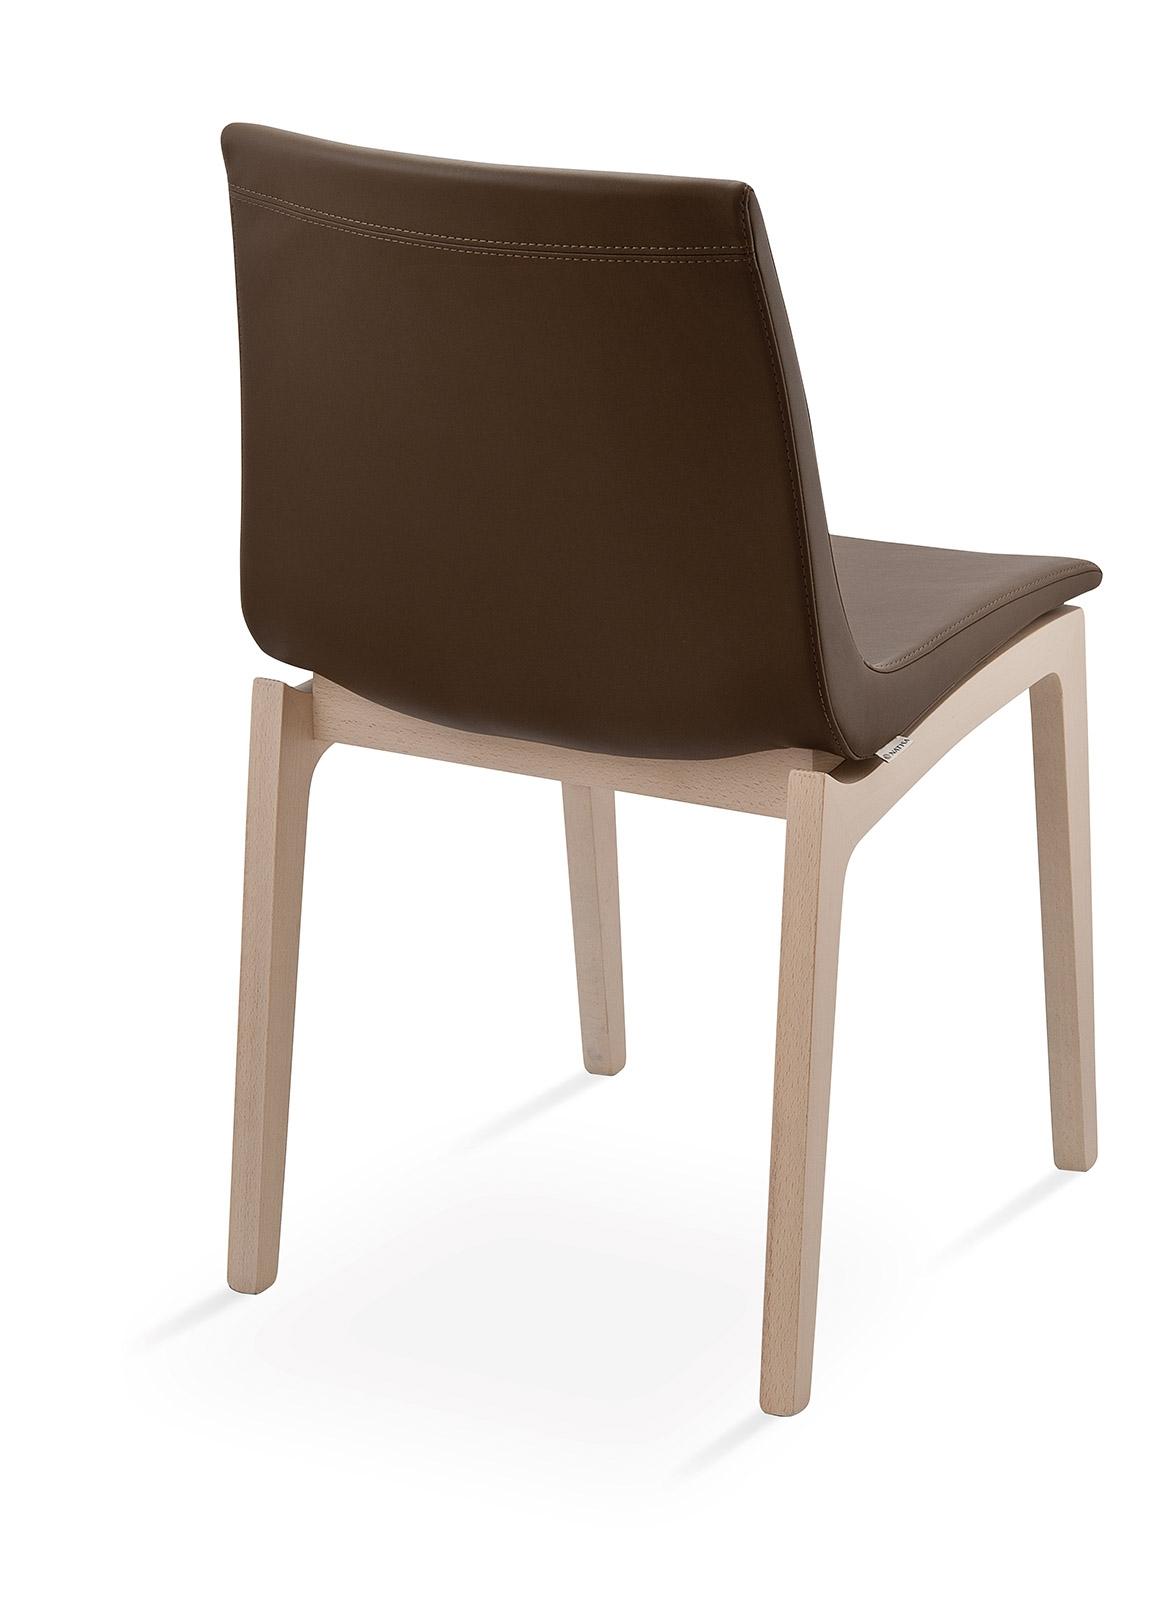 Sedia natisa smart w di design in pelle e legno sedie a for Sedie pelle e legno